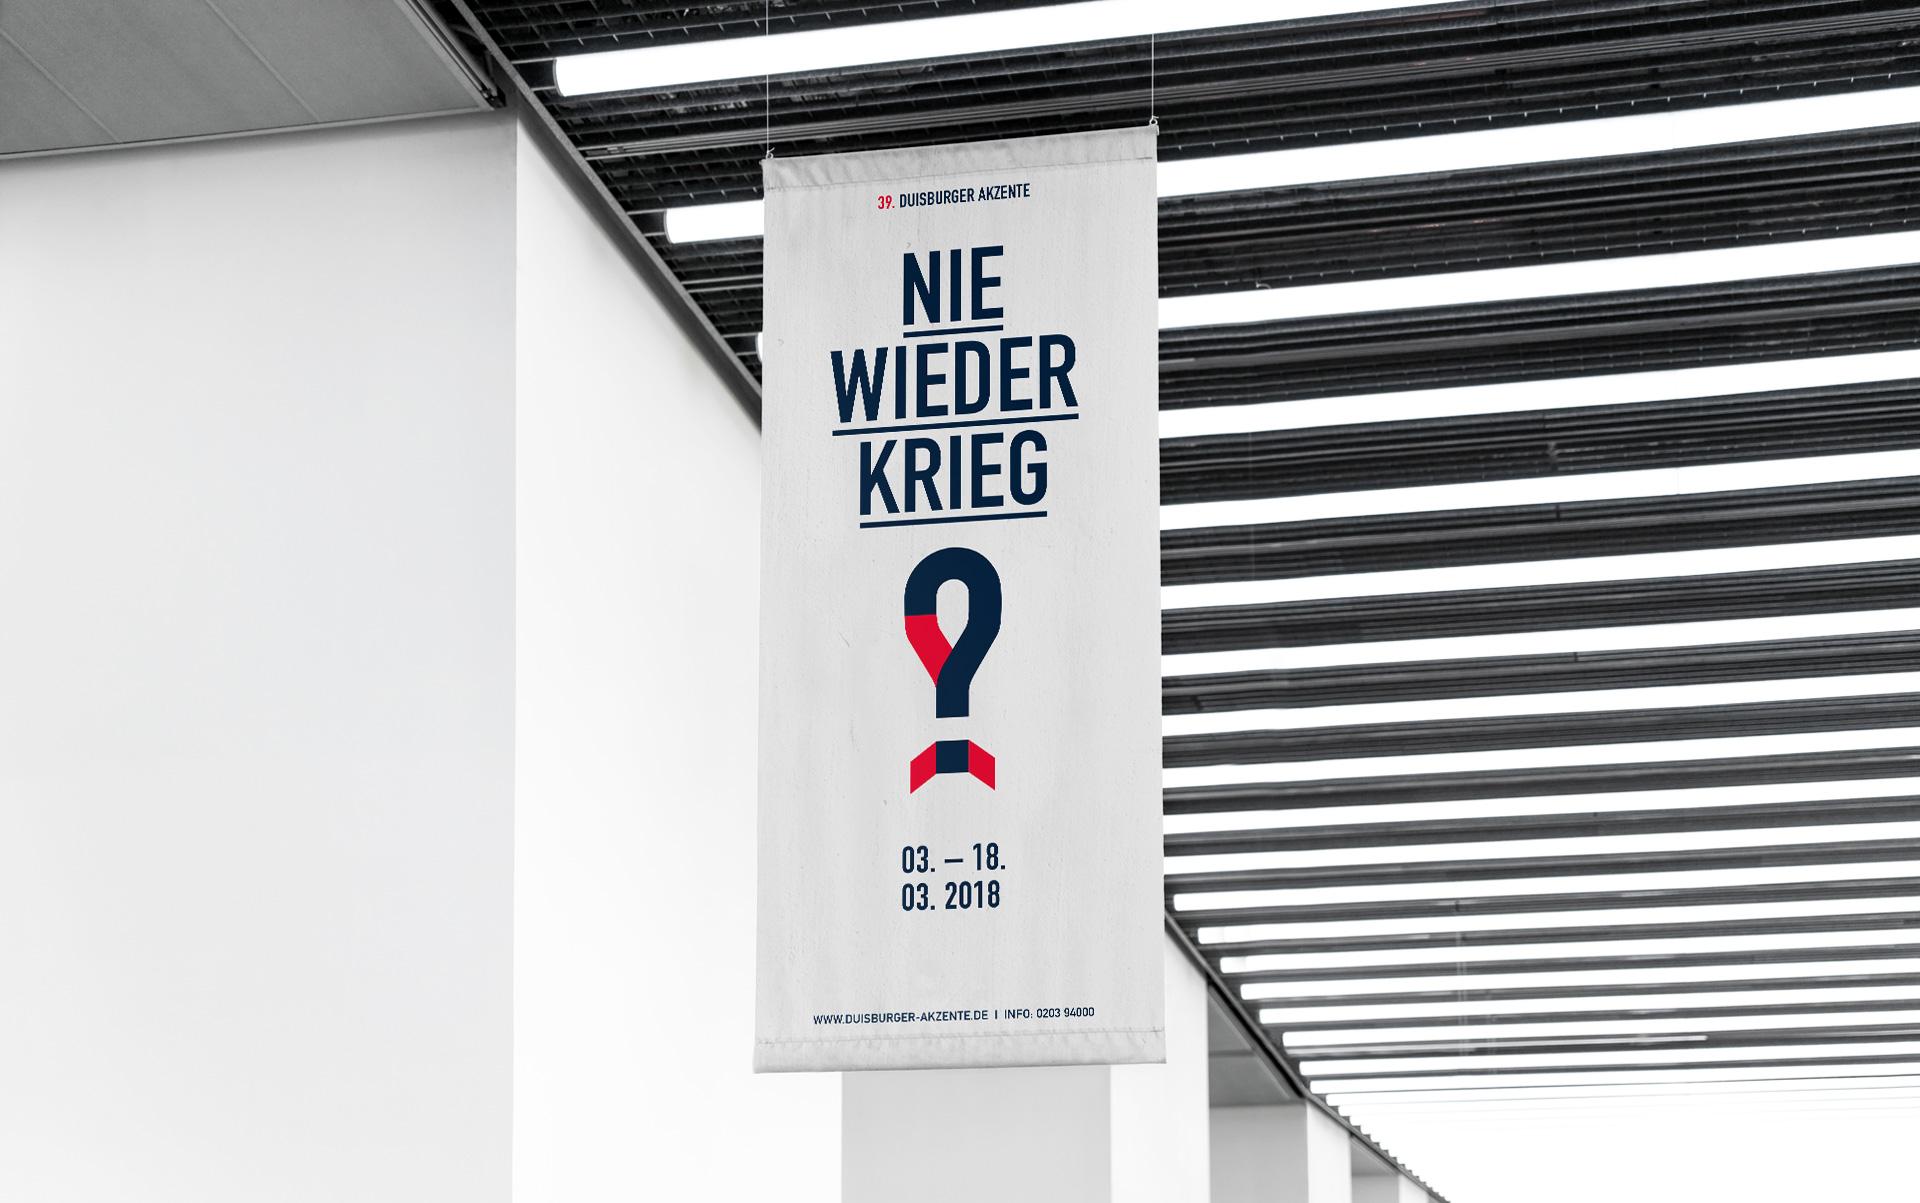 39. Duisburger Akzente